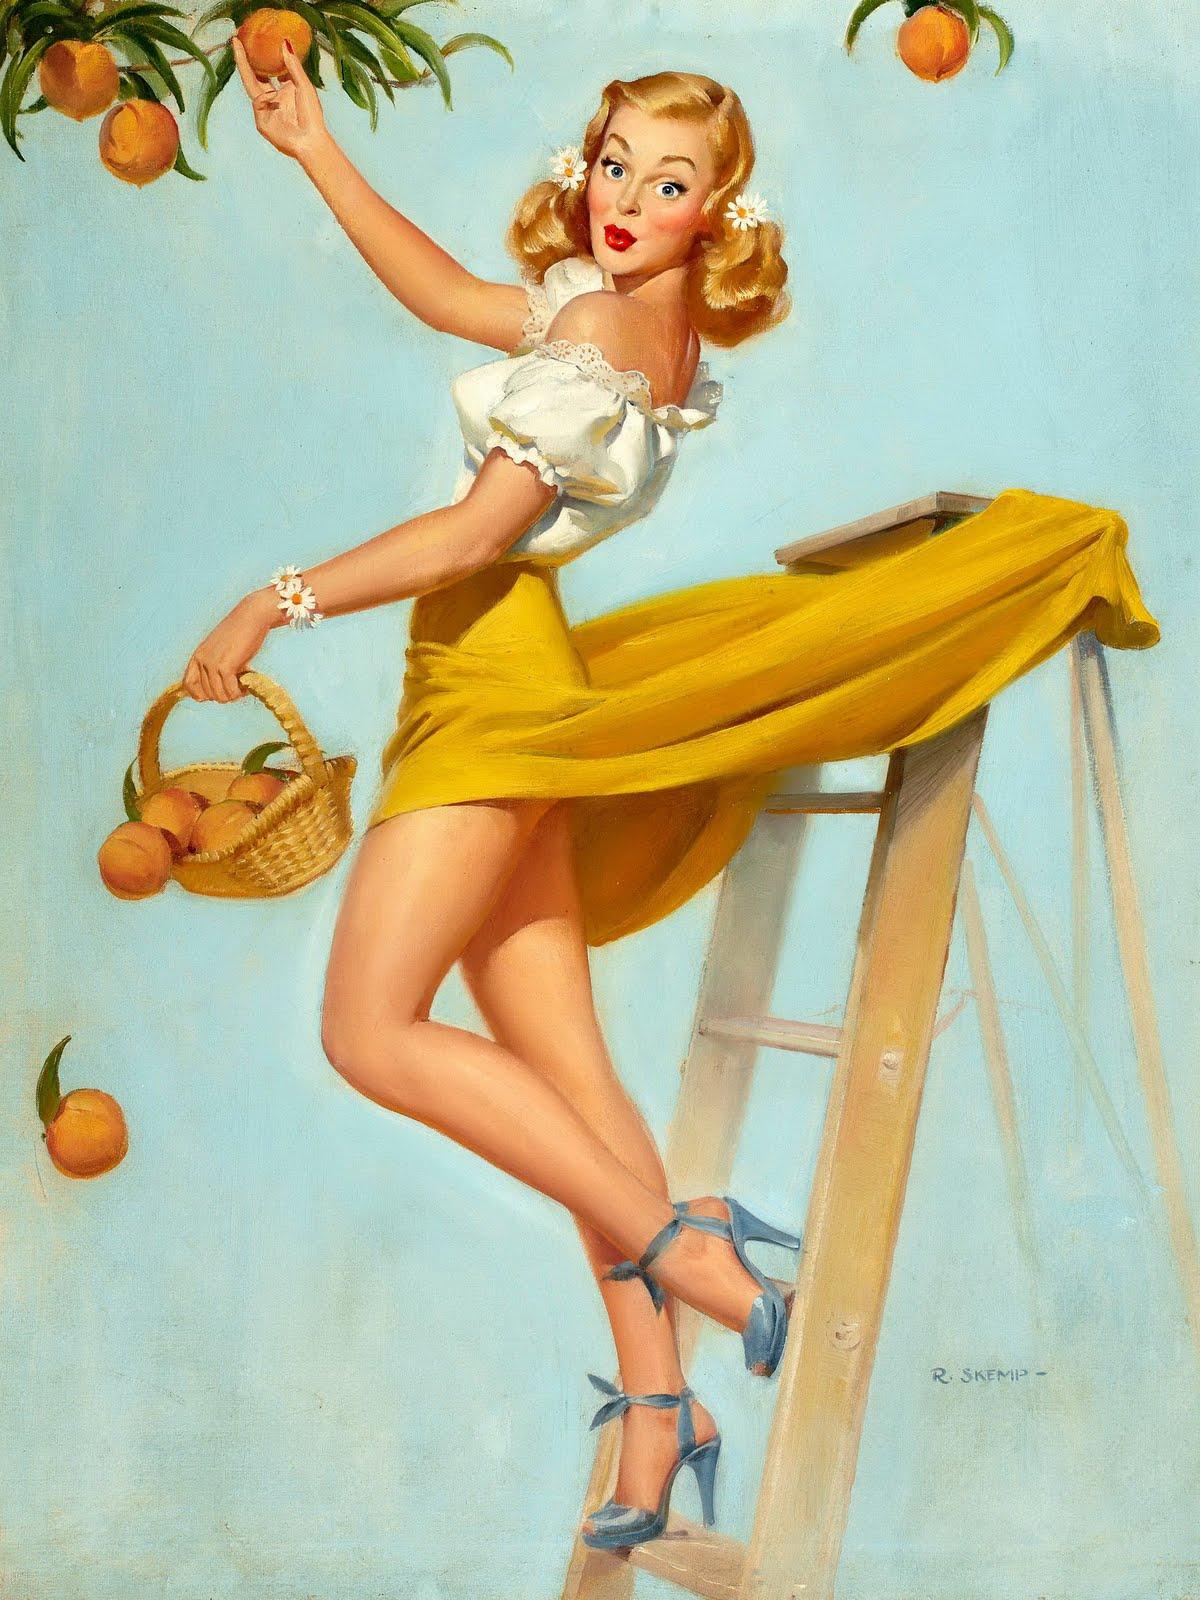 vintage girl posters jpg 1500x1000